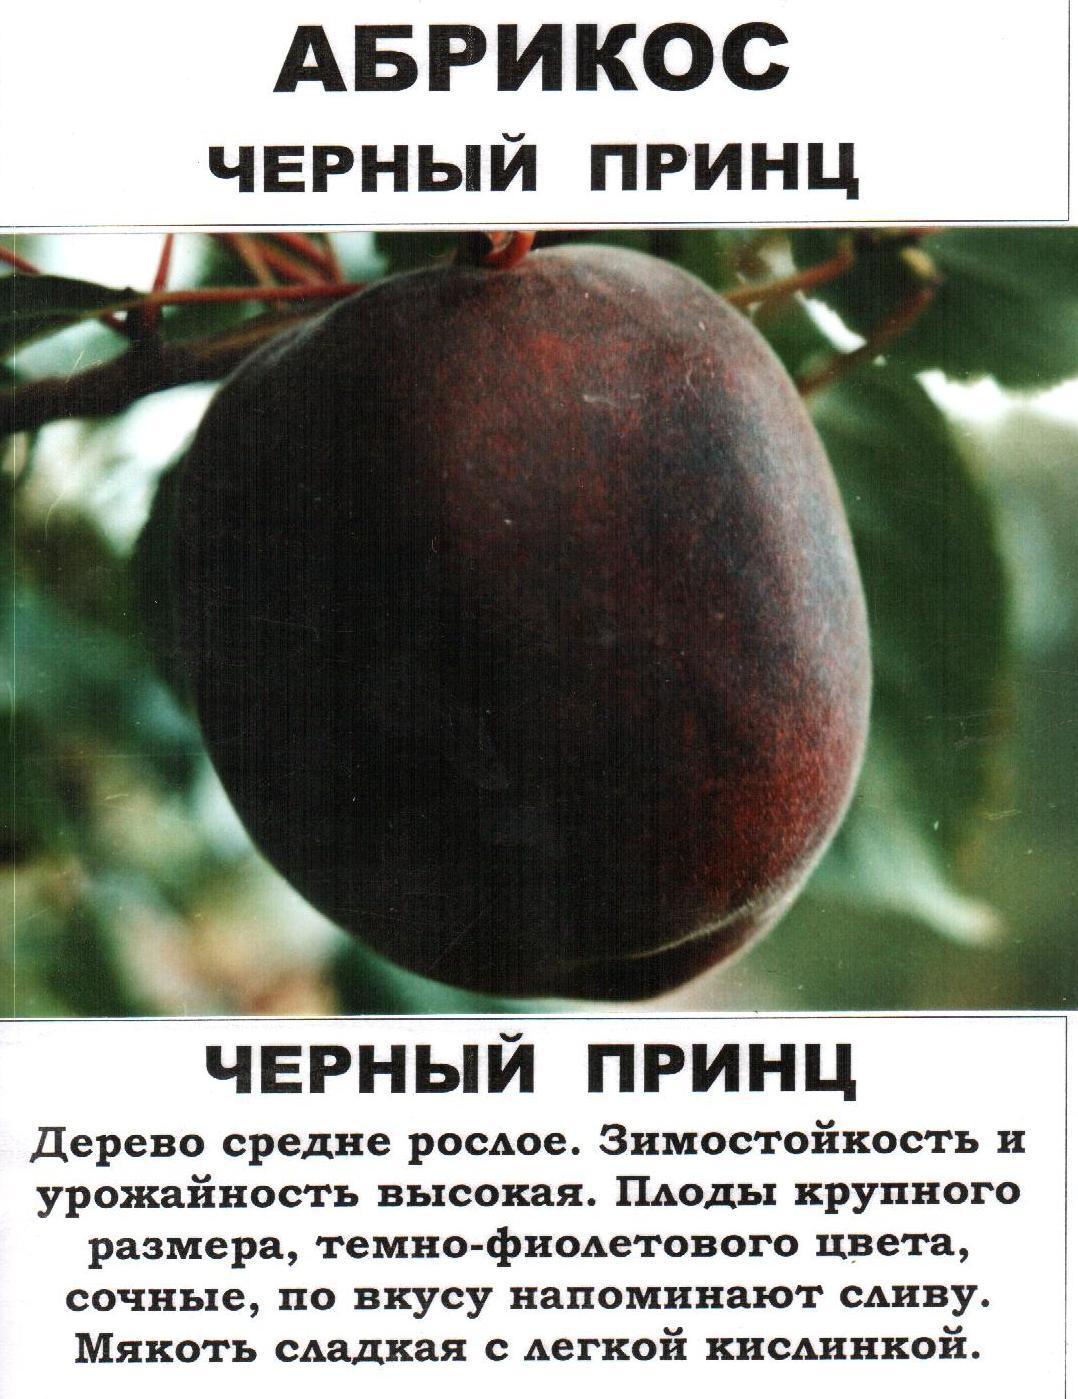 Черный абрикос черный принц: как вырастить экзотический фрукт